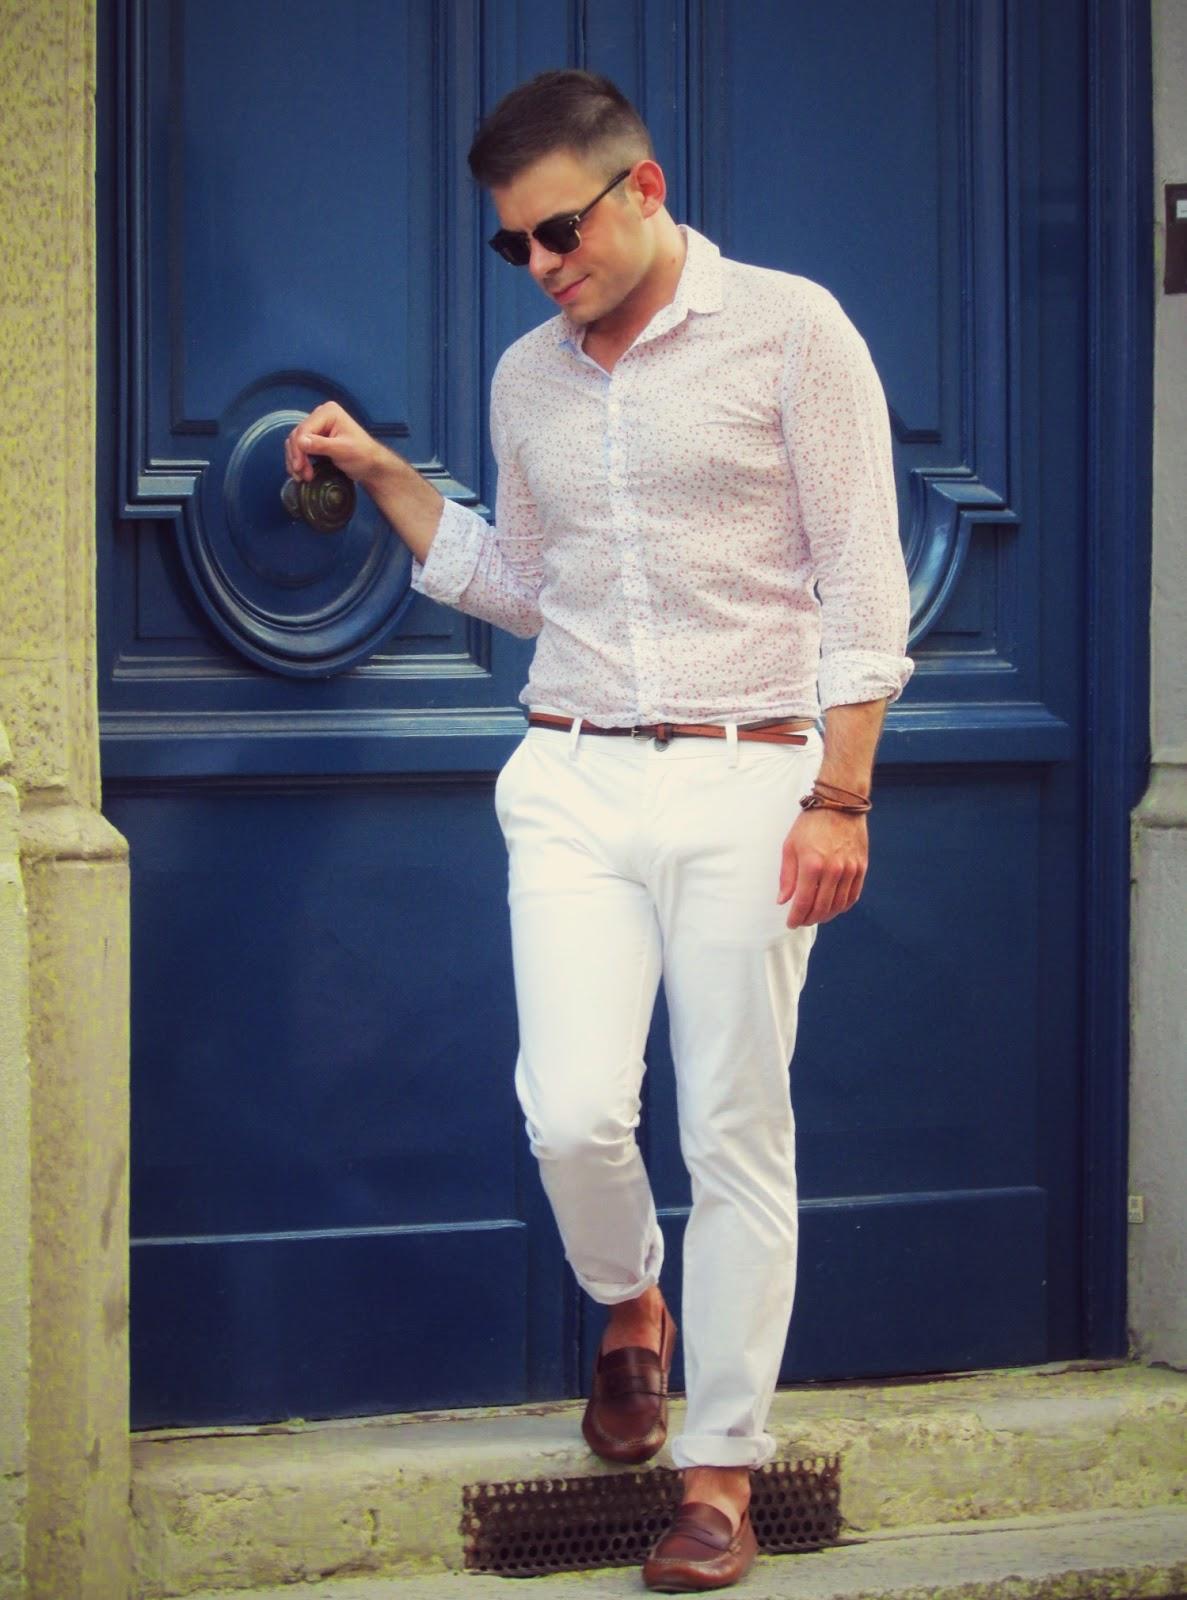 le lion dans la penderie blog mode homme lifestyle lyon paris pantalon blanc. Black Bedroom Furniture Sets. Home Design Ideas